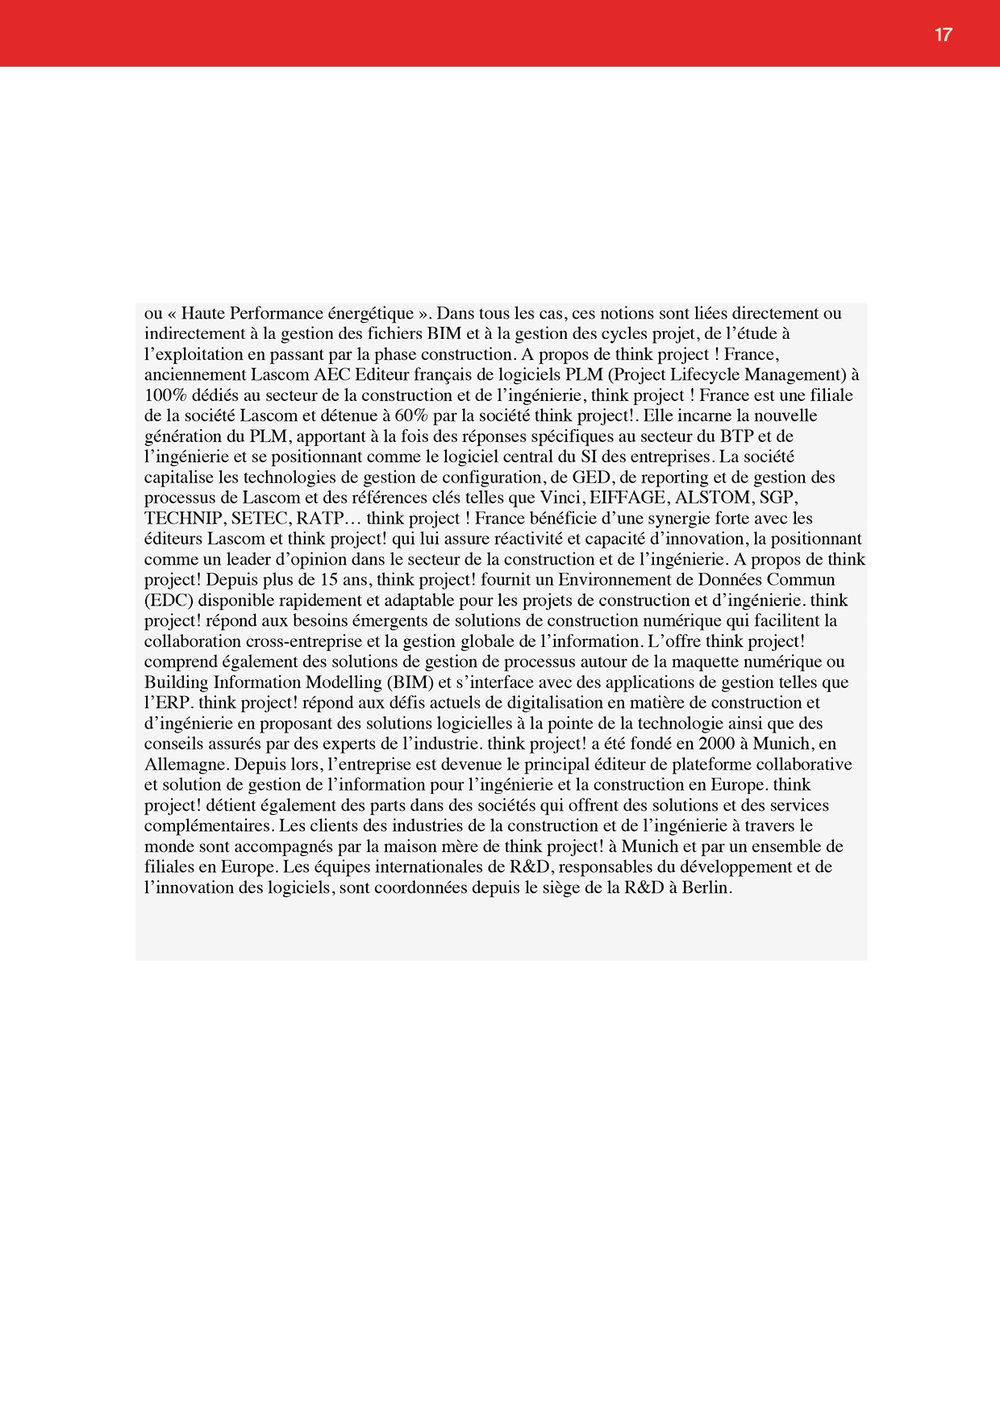 BOOKMEDIA_SEPT_017.jpg